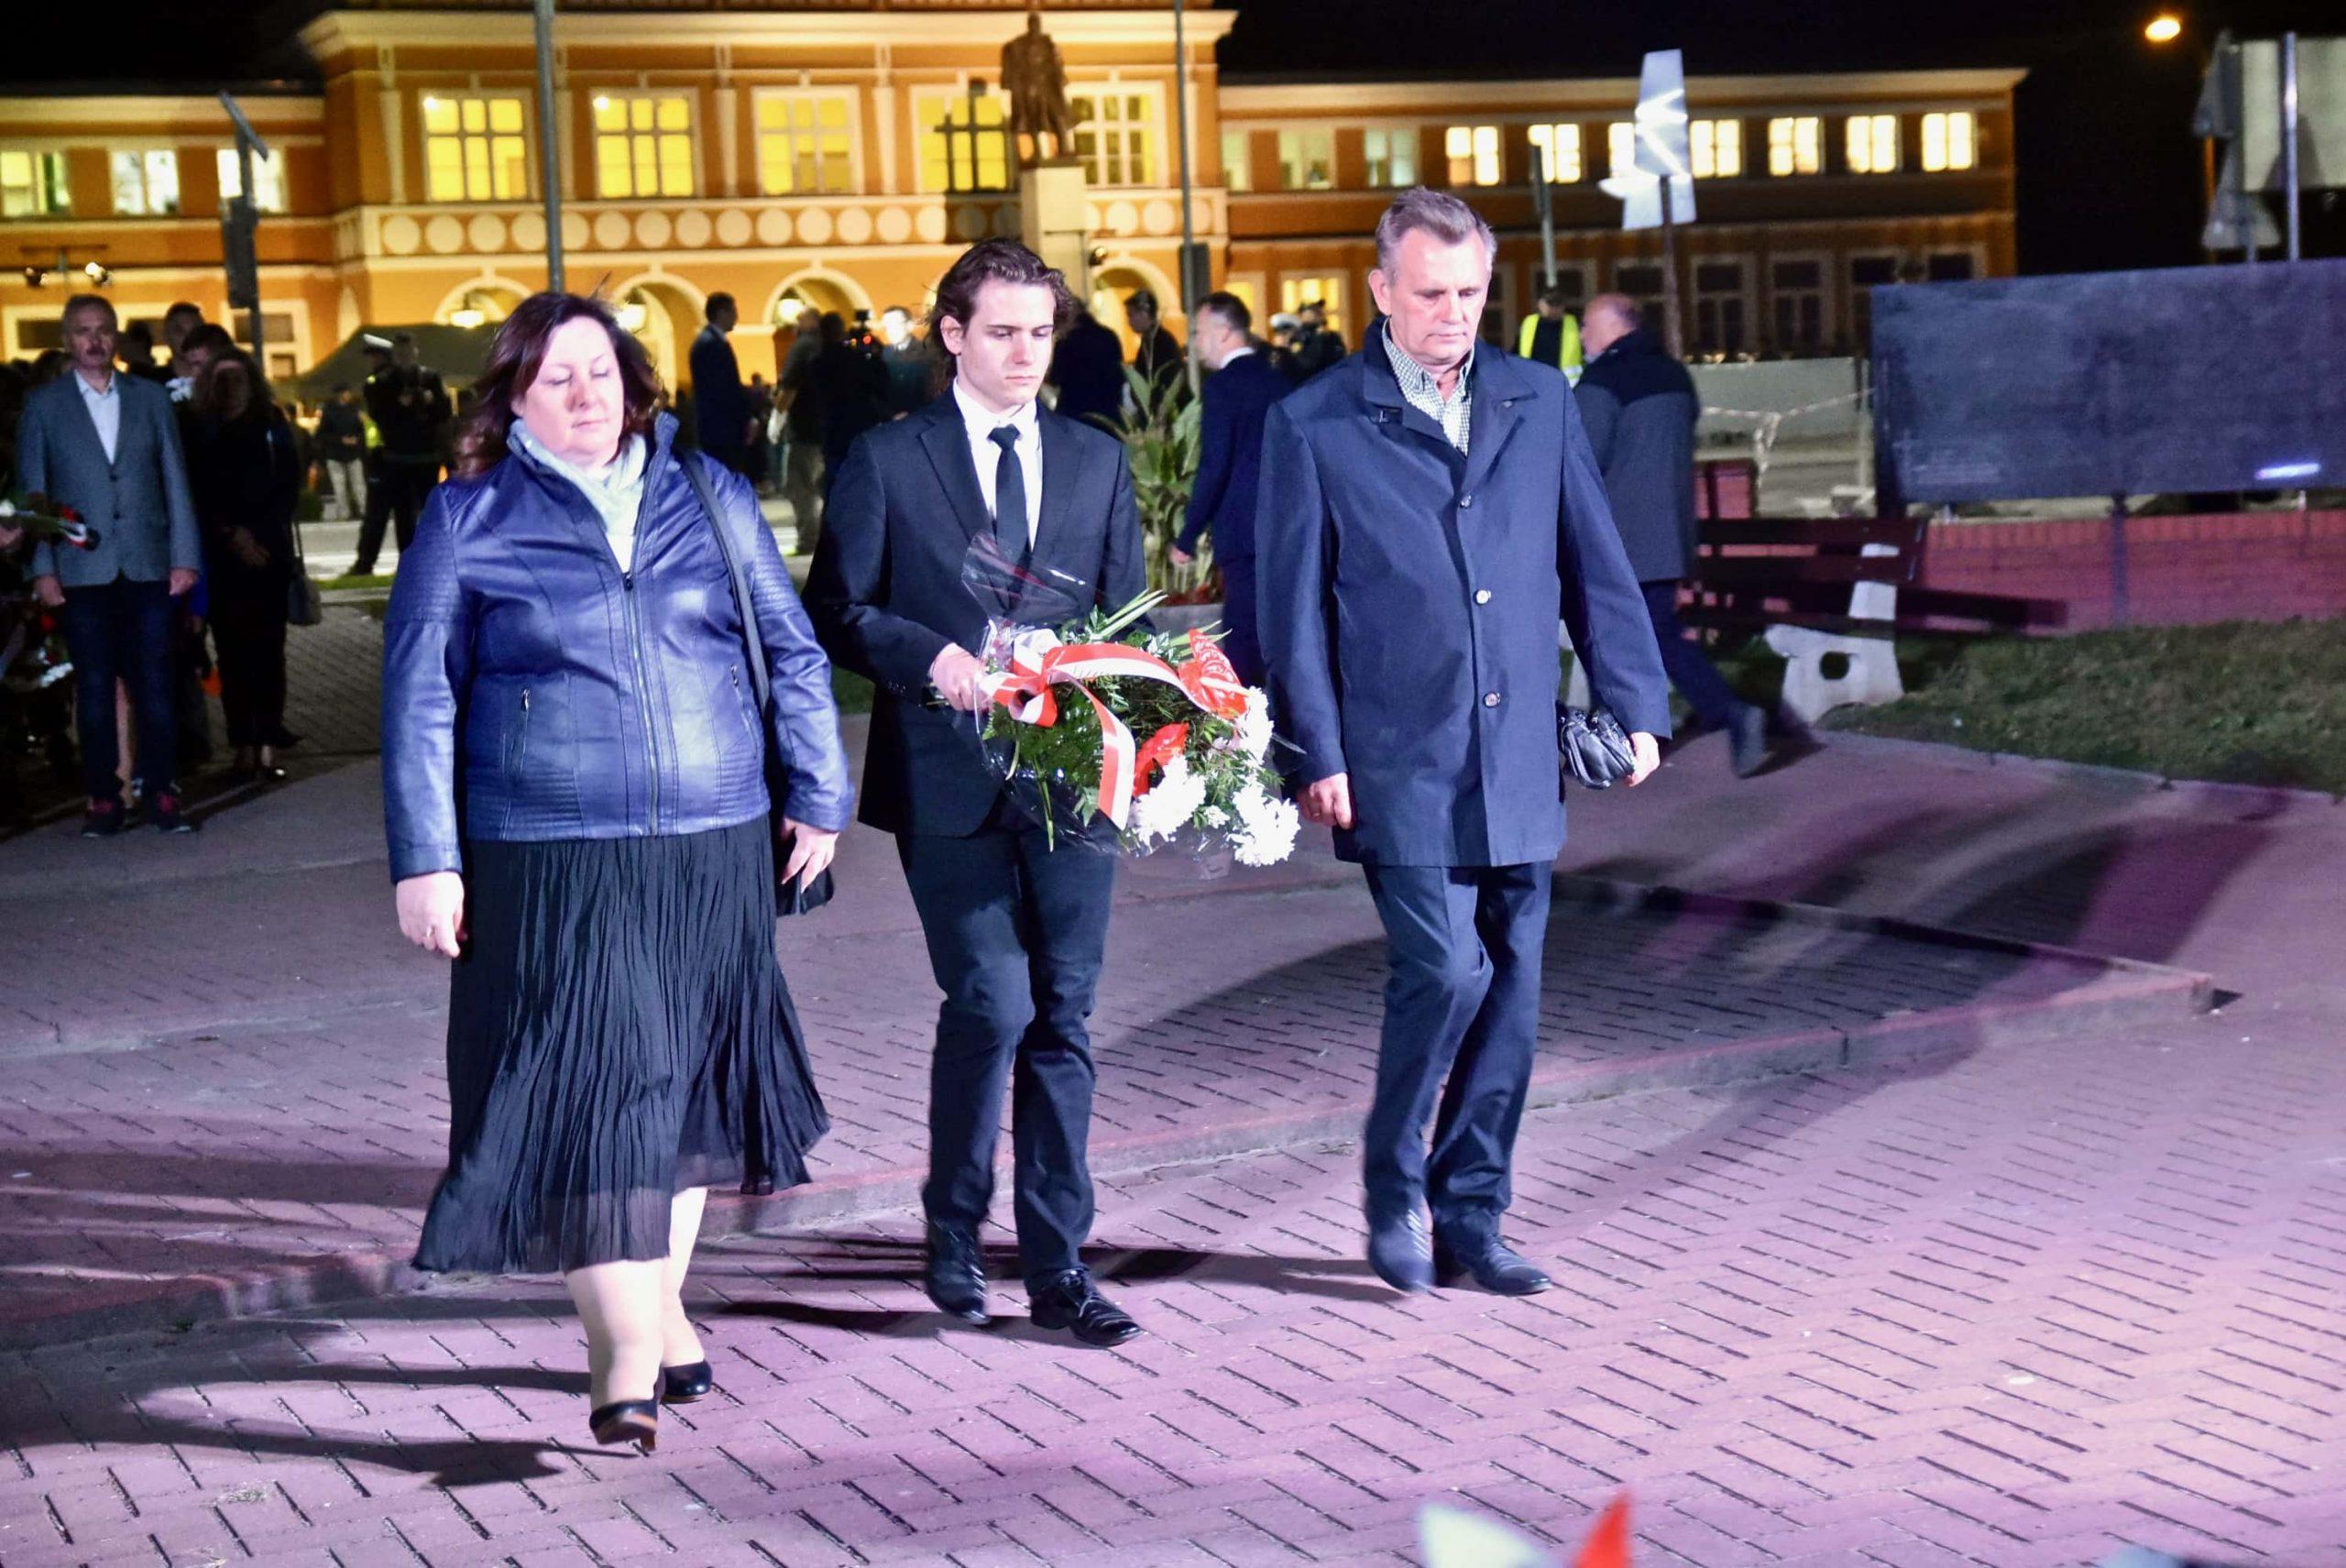 dsc 7804 scaled 80. rocznica agresji sowieckiej na Polskę - uroczystości w Zamościu